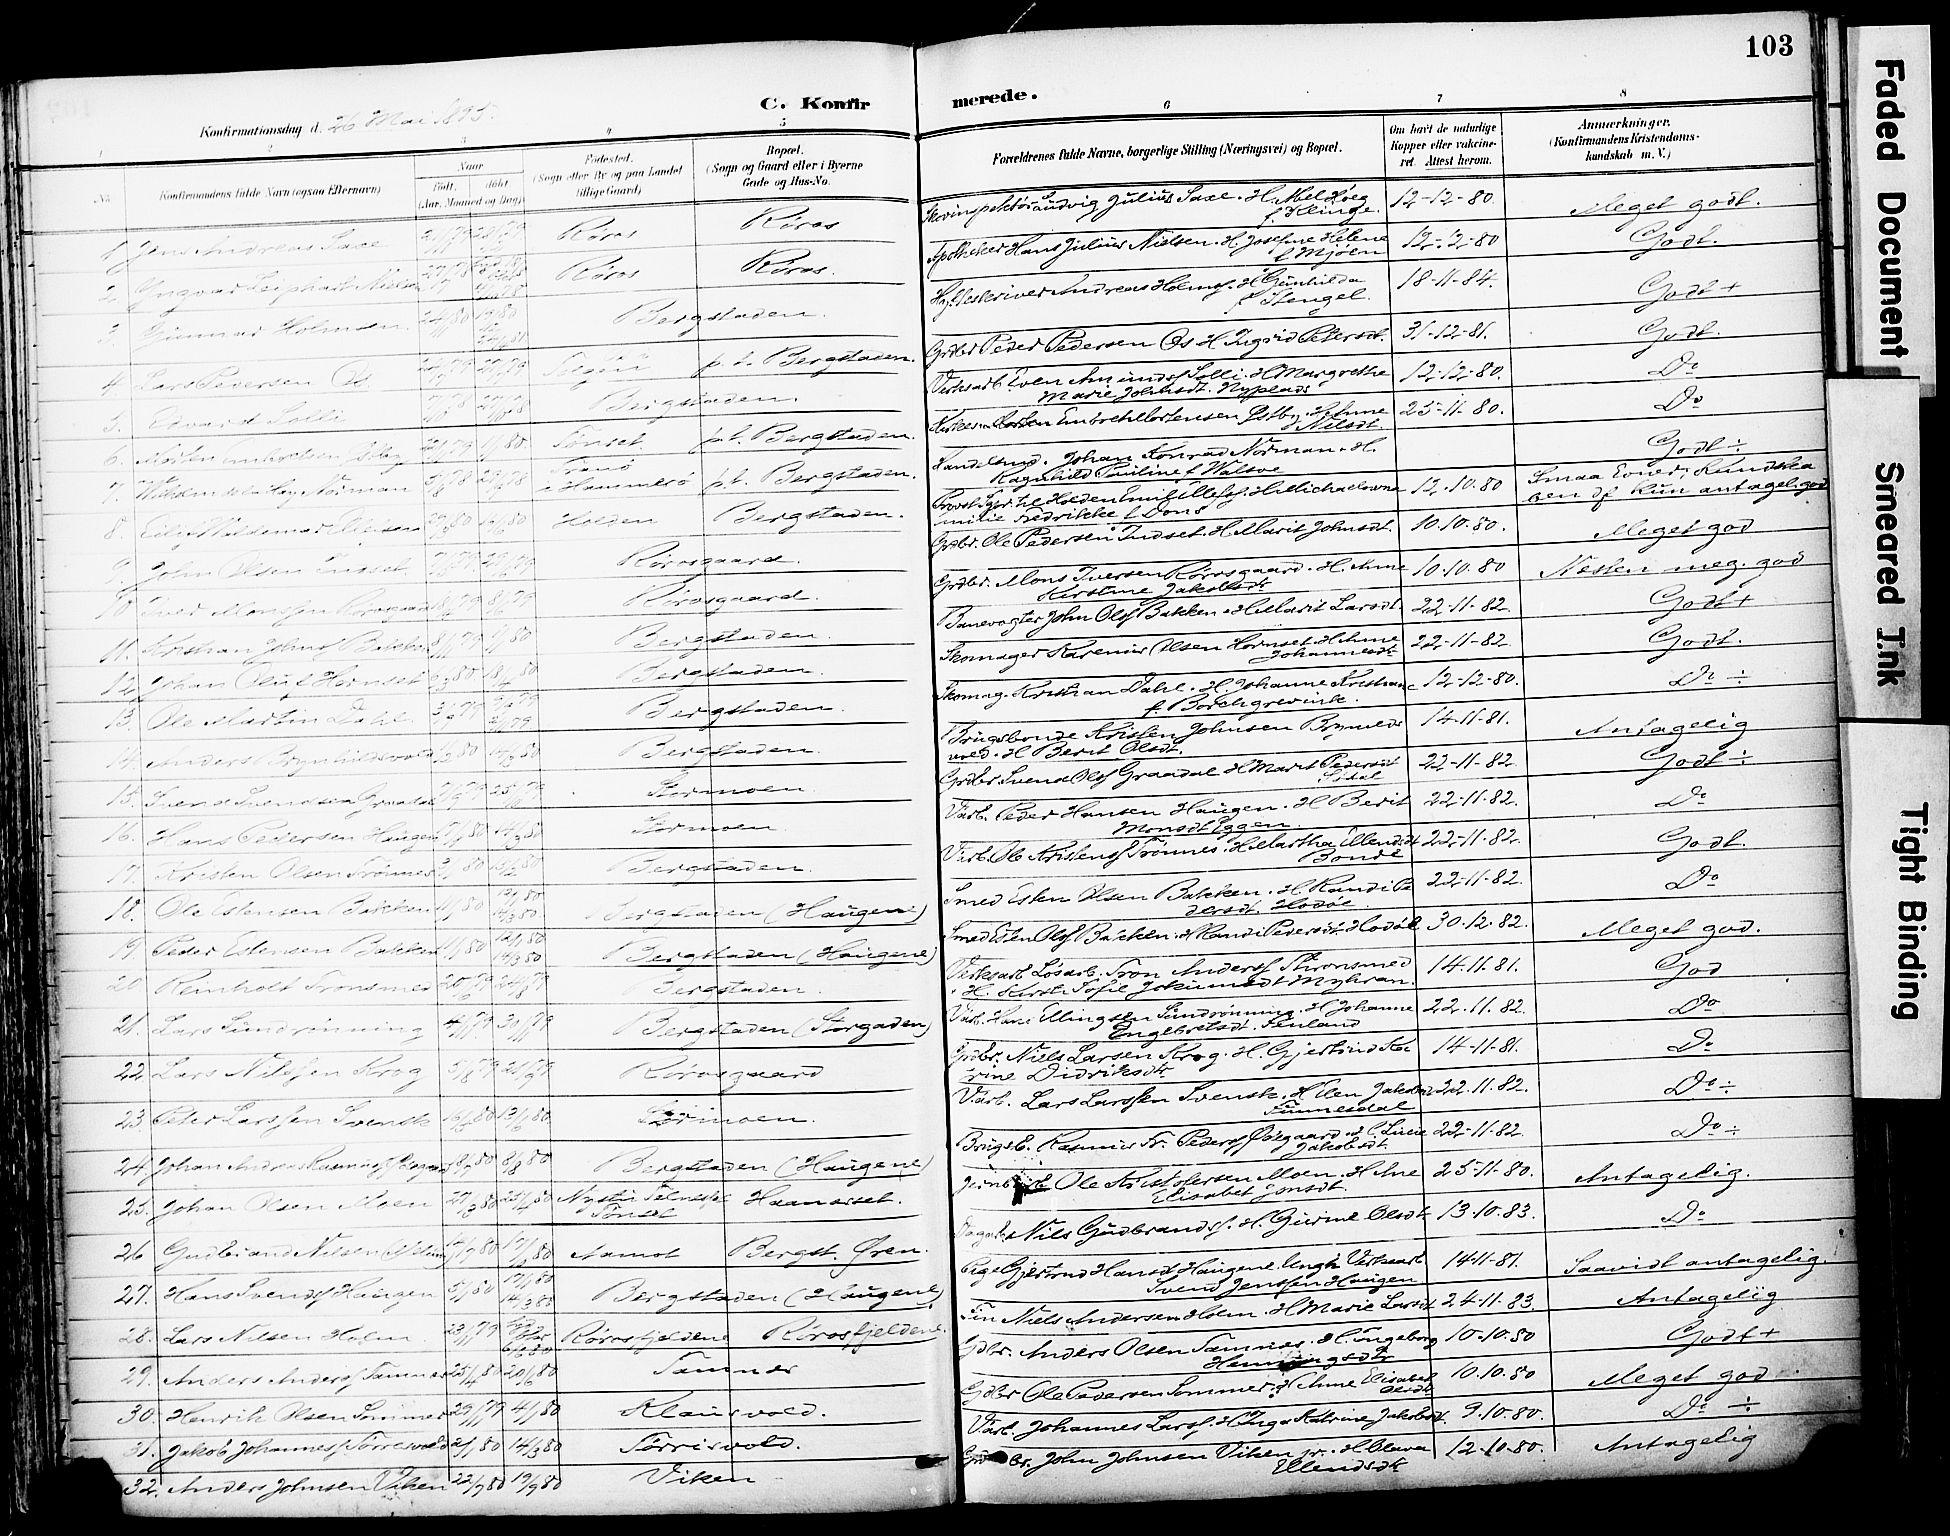 SAT, Ministerialprotokoller, klokkerbøker og fødselsregistre - Sør-Trøndelag, 681/L0935: Ministerialbok nr. 681A13, 1890-1898, s. 103